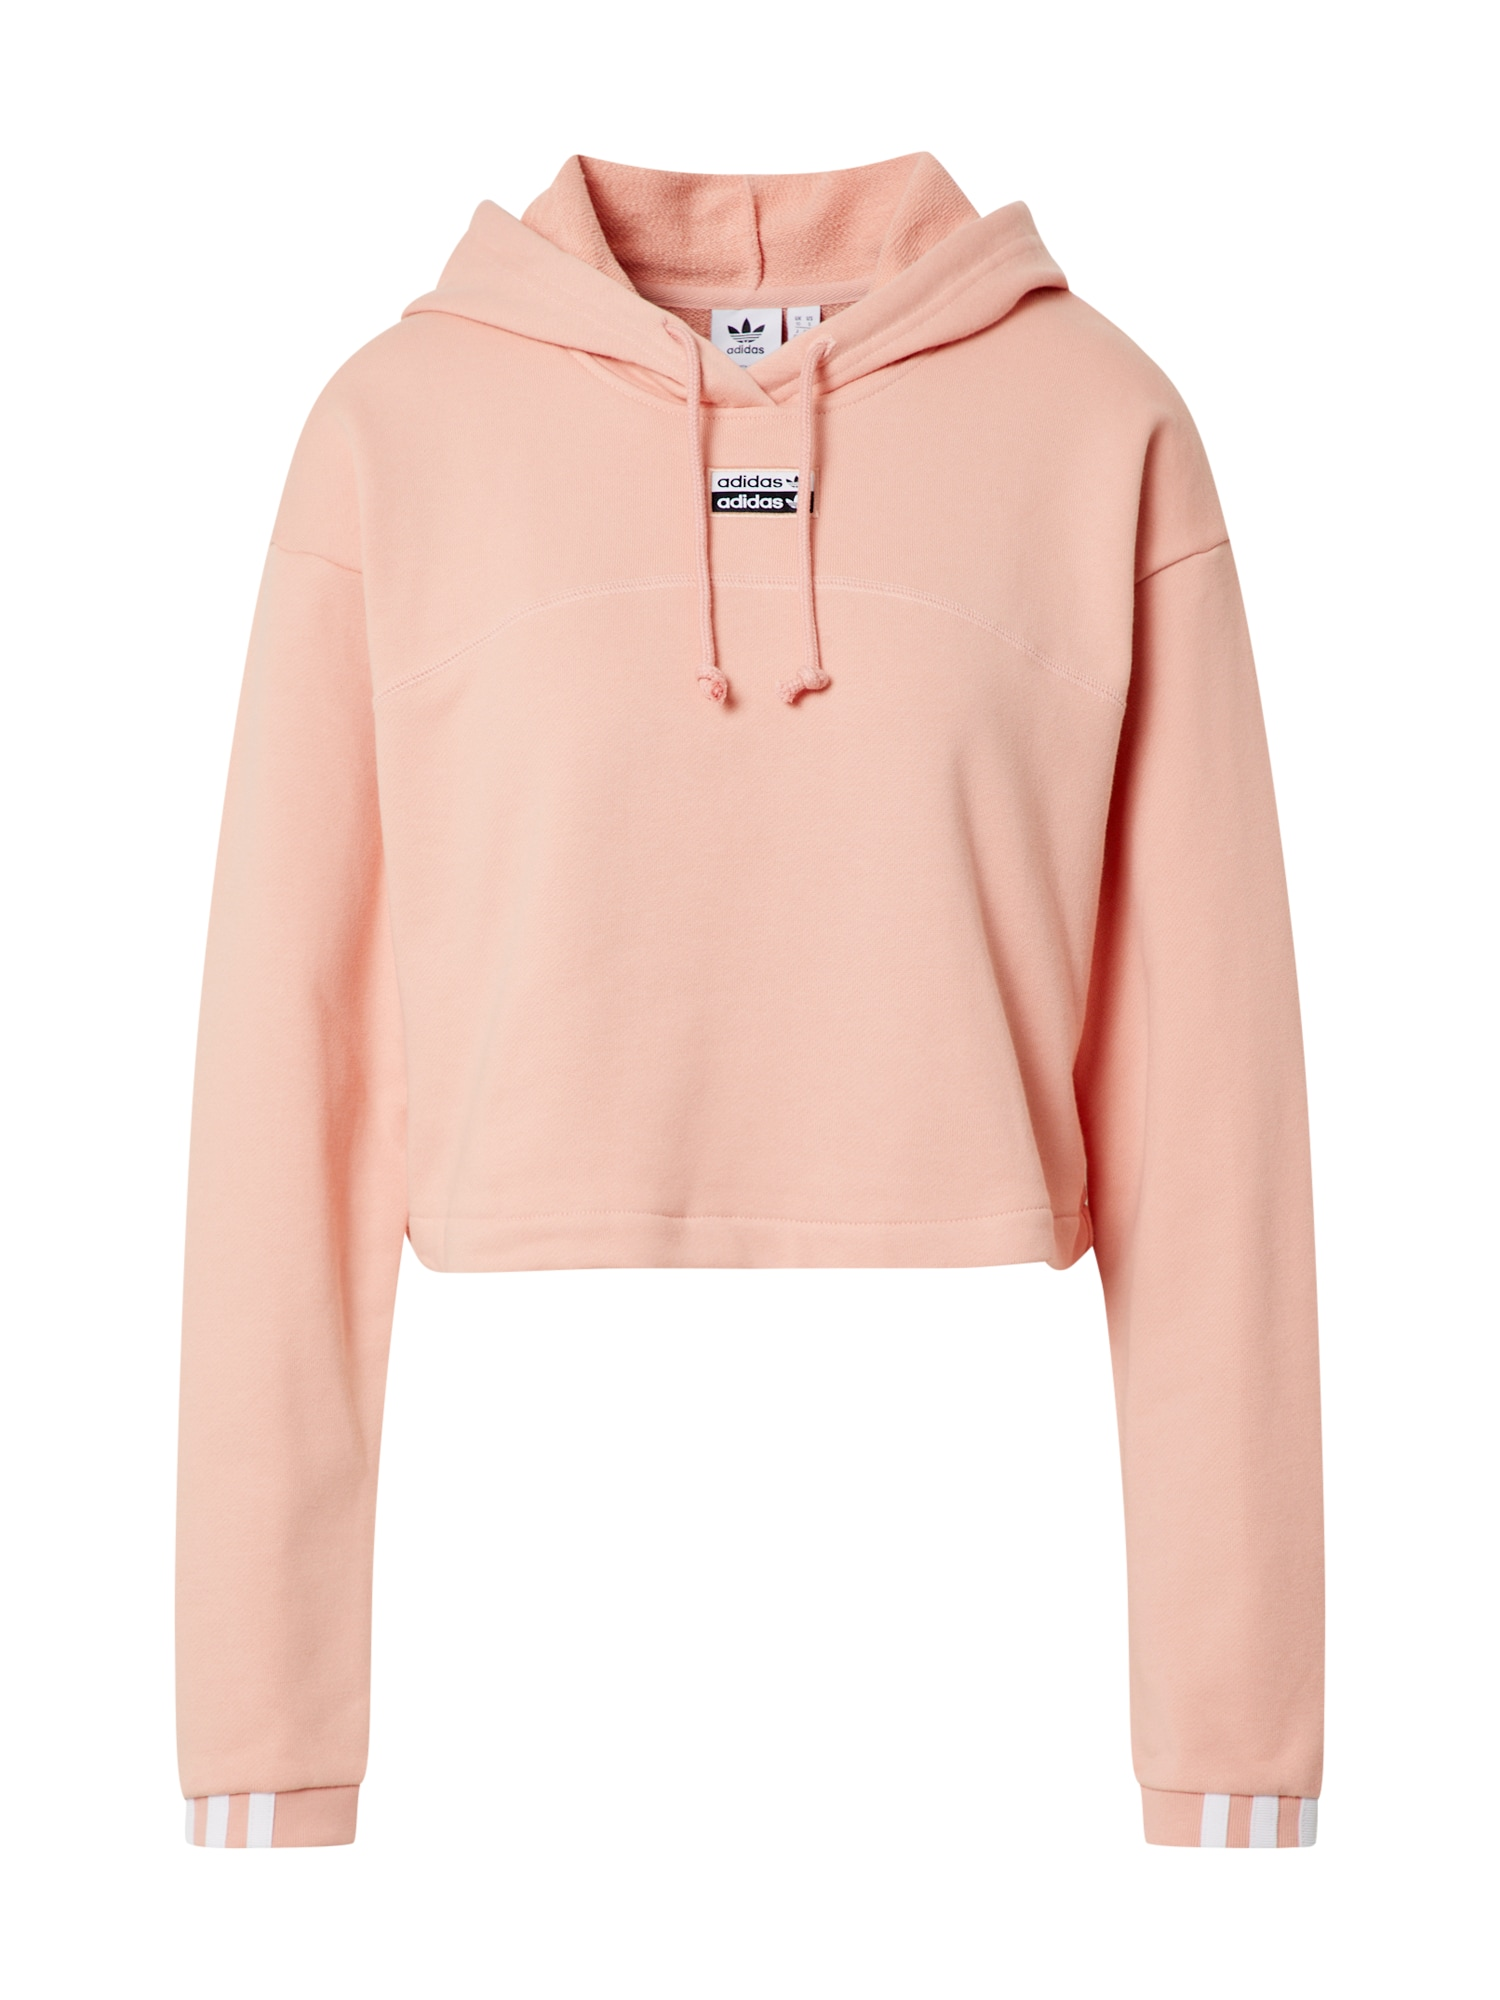 ADIDAS ORIGINALS Megztinis be užsegimo ryškiai rožinė spalva